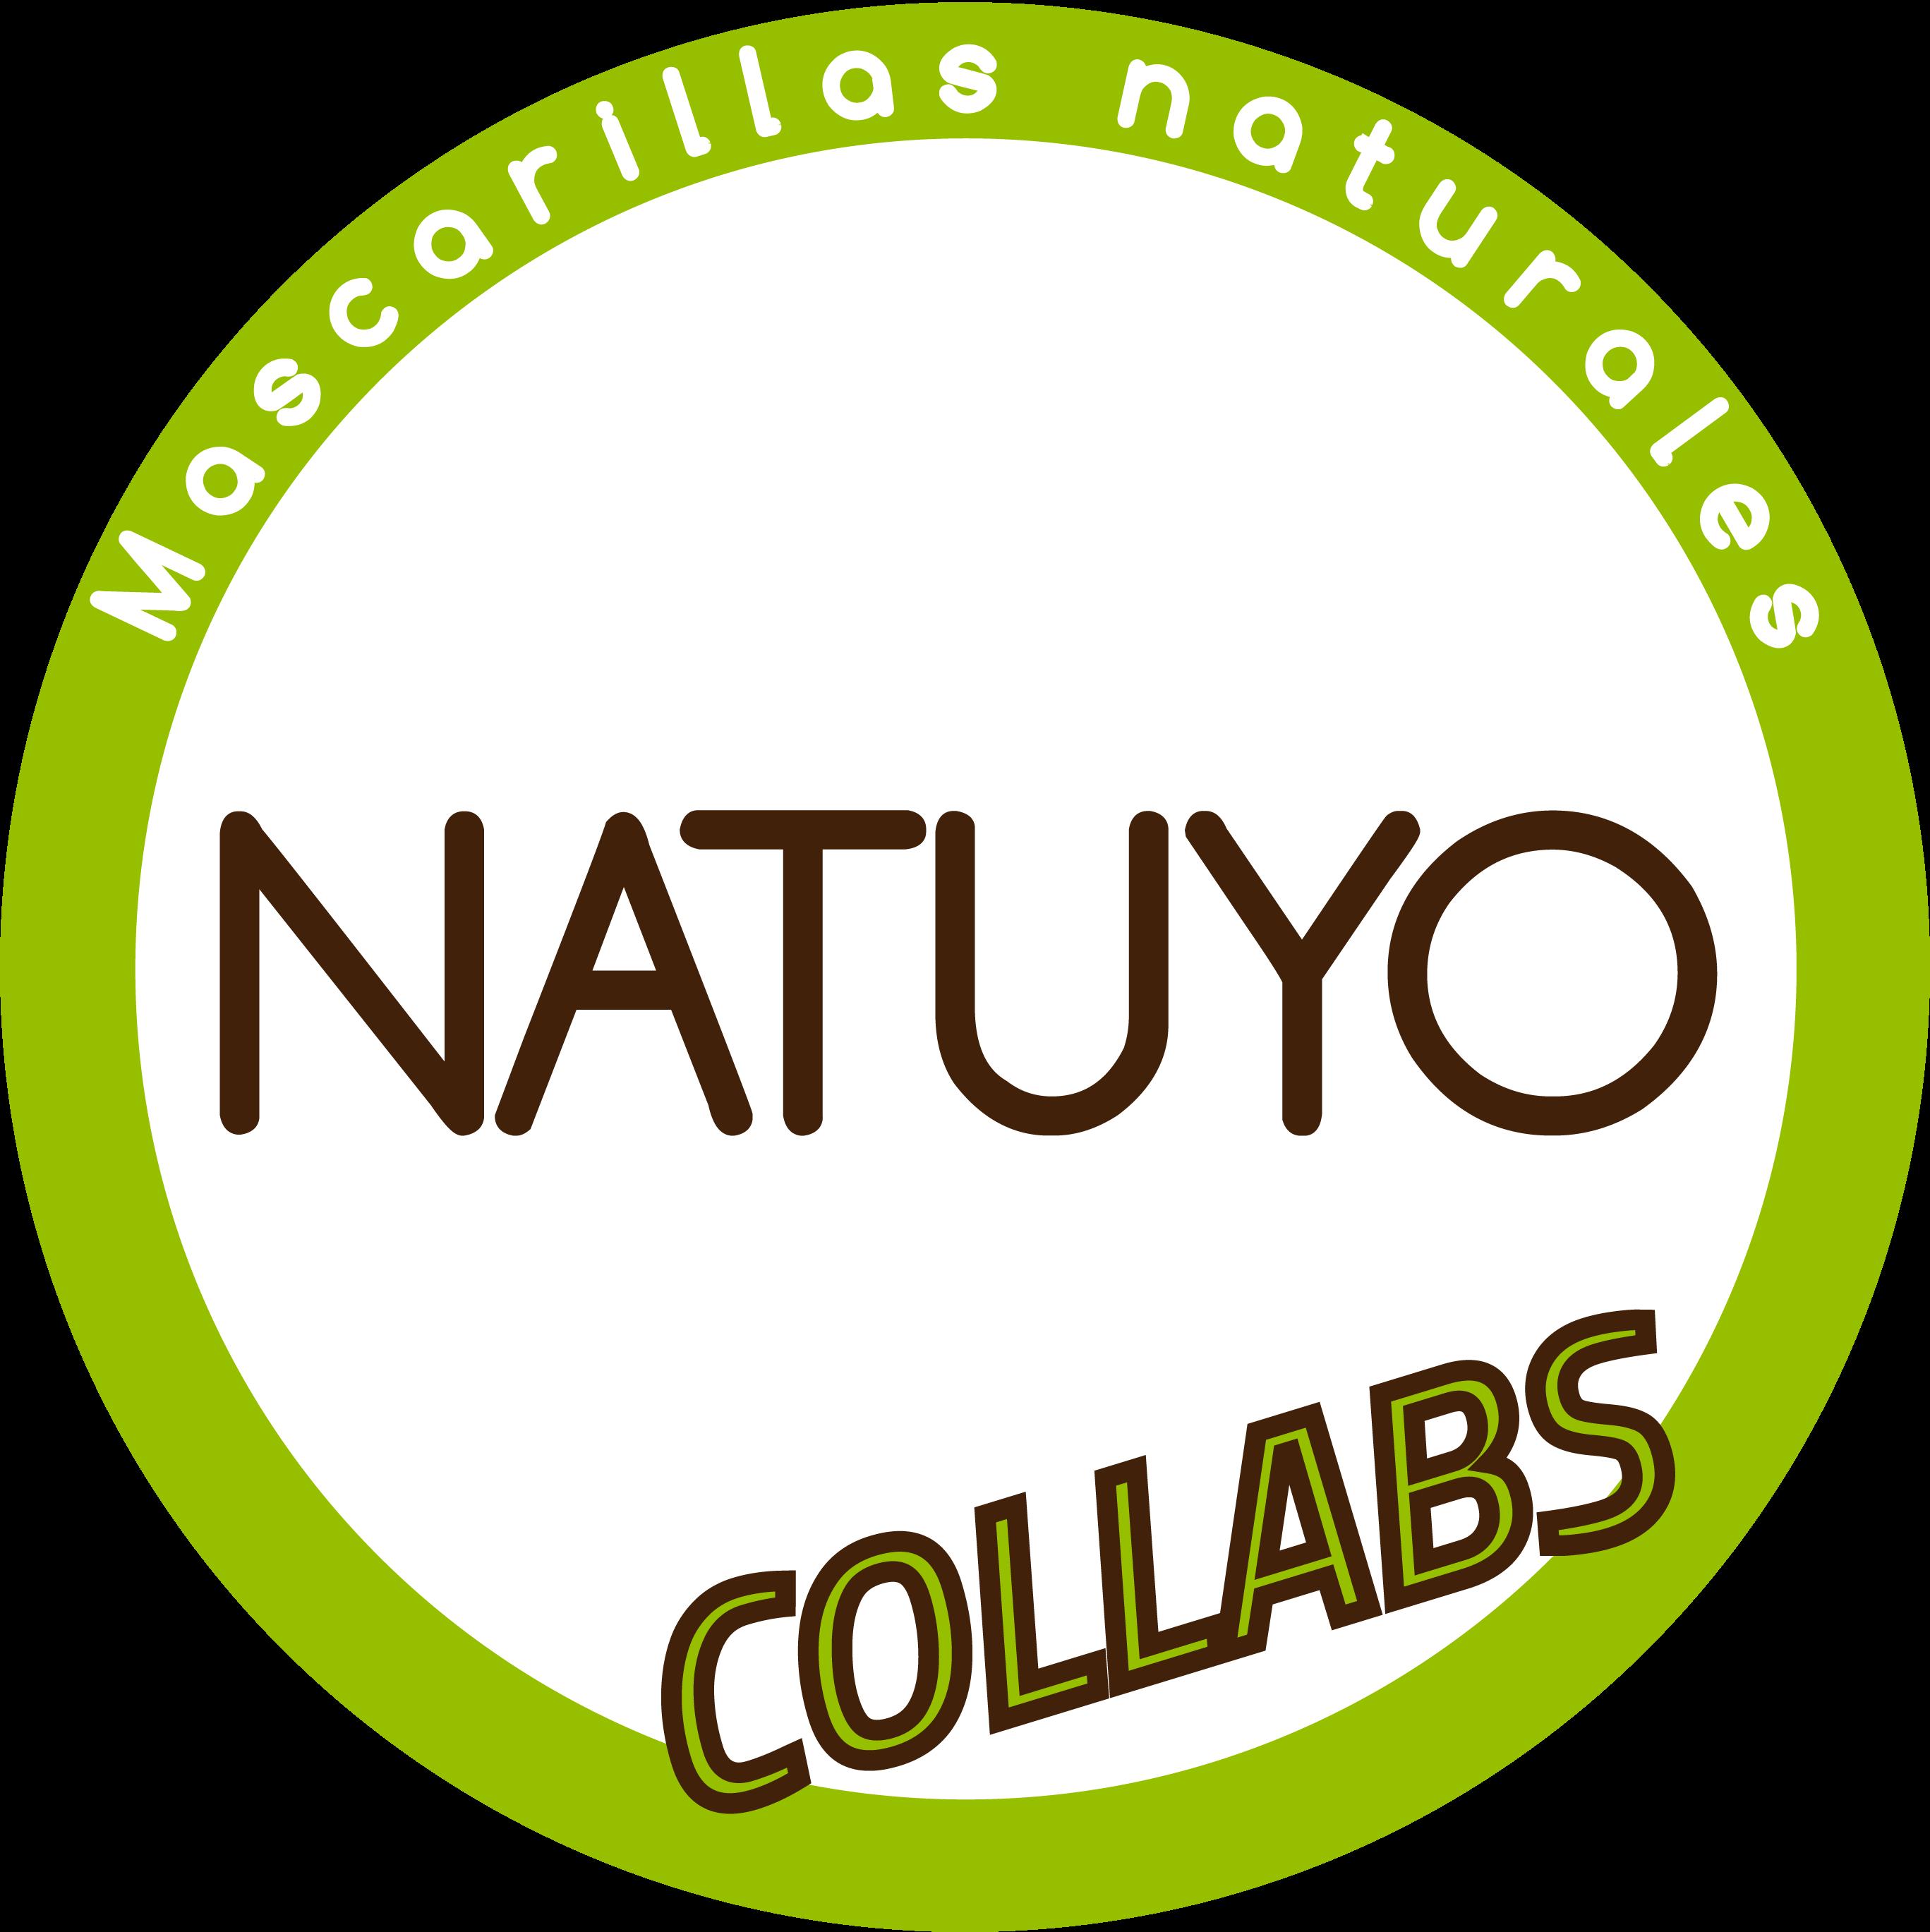 NATUYO Colaboraciones